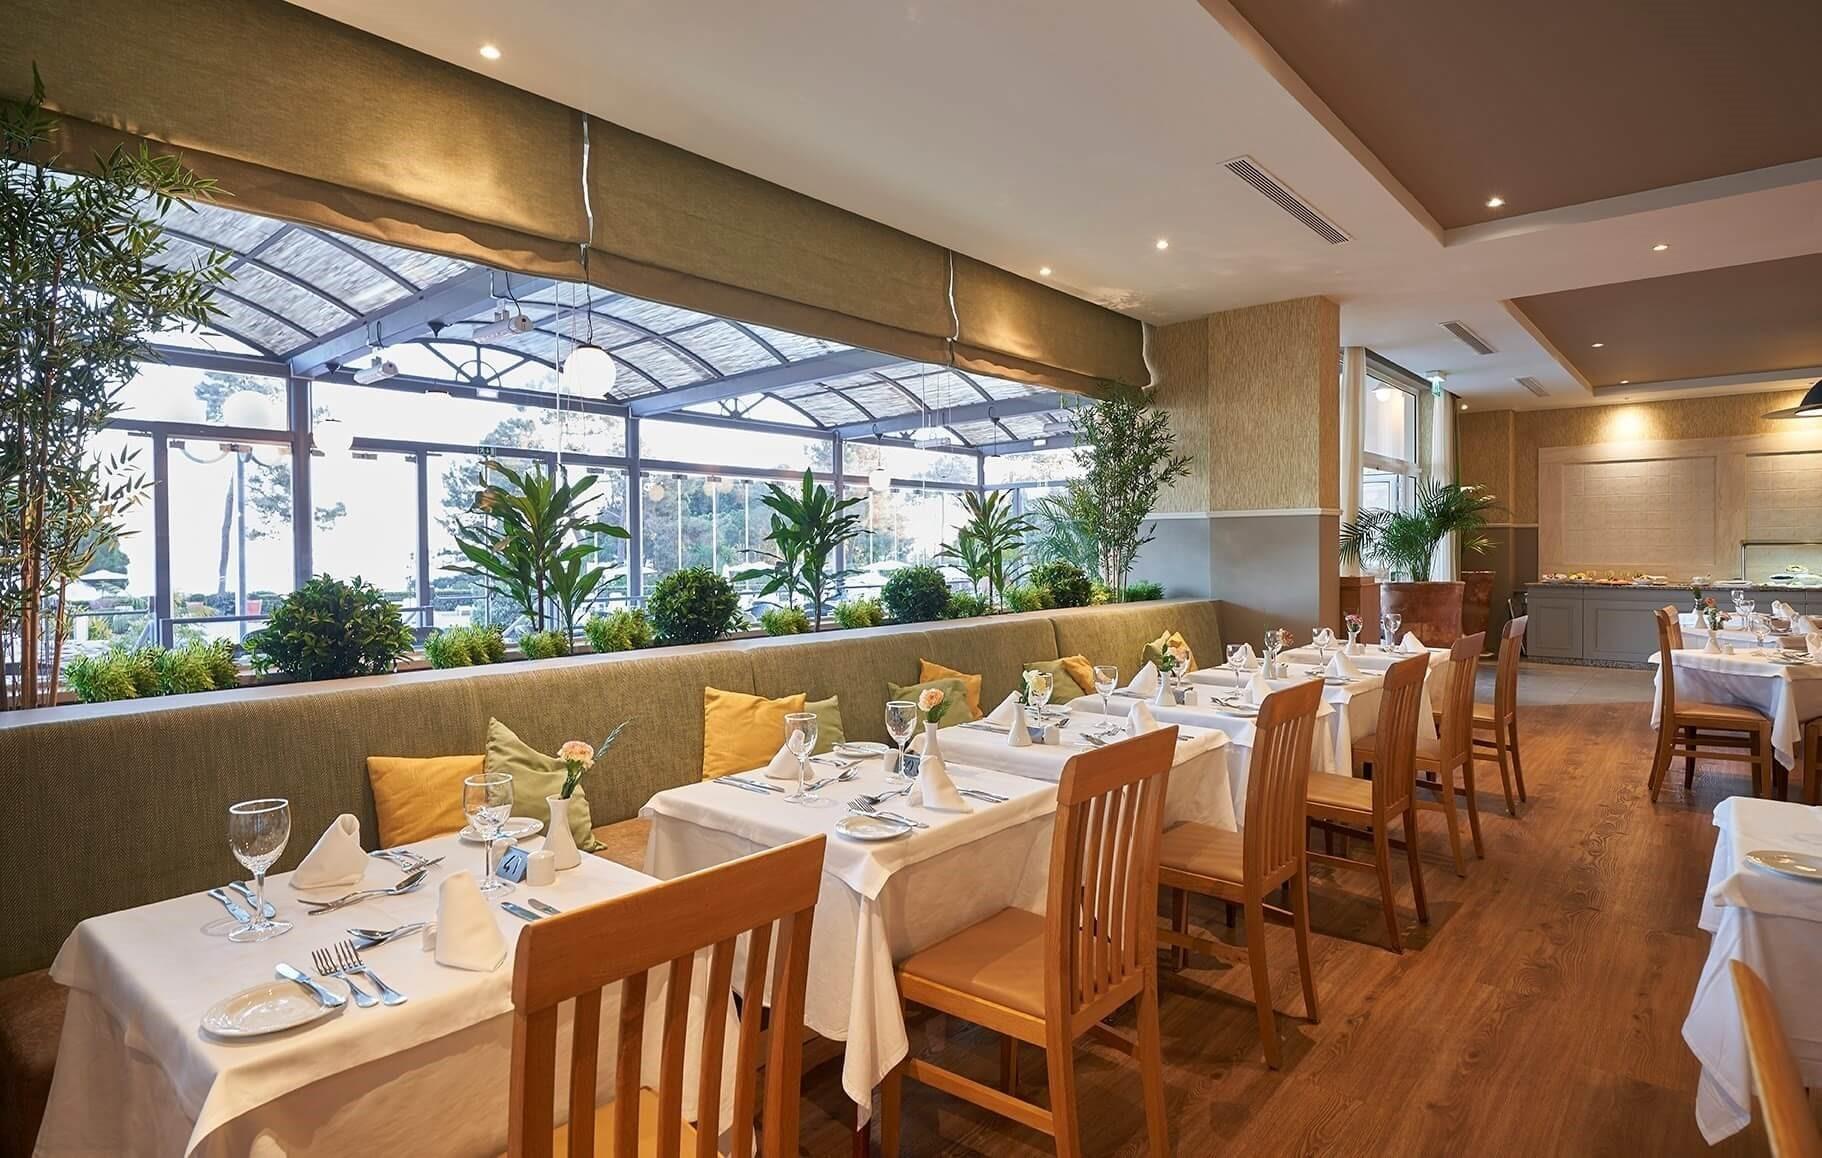 Hotel PortoBay Falésia - Algarve - Madeira Restaurant